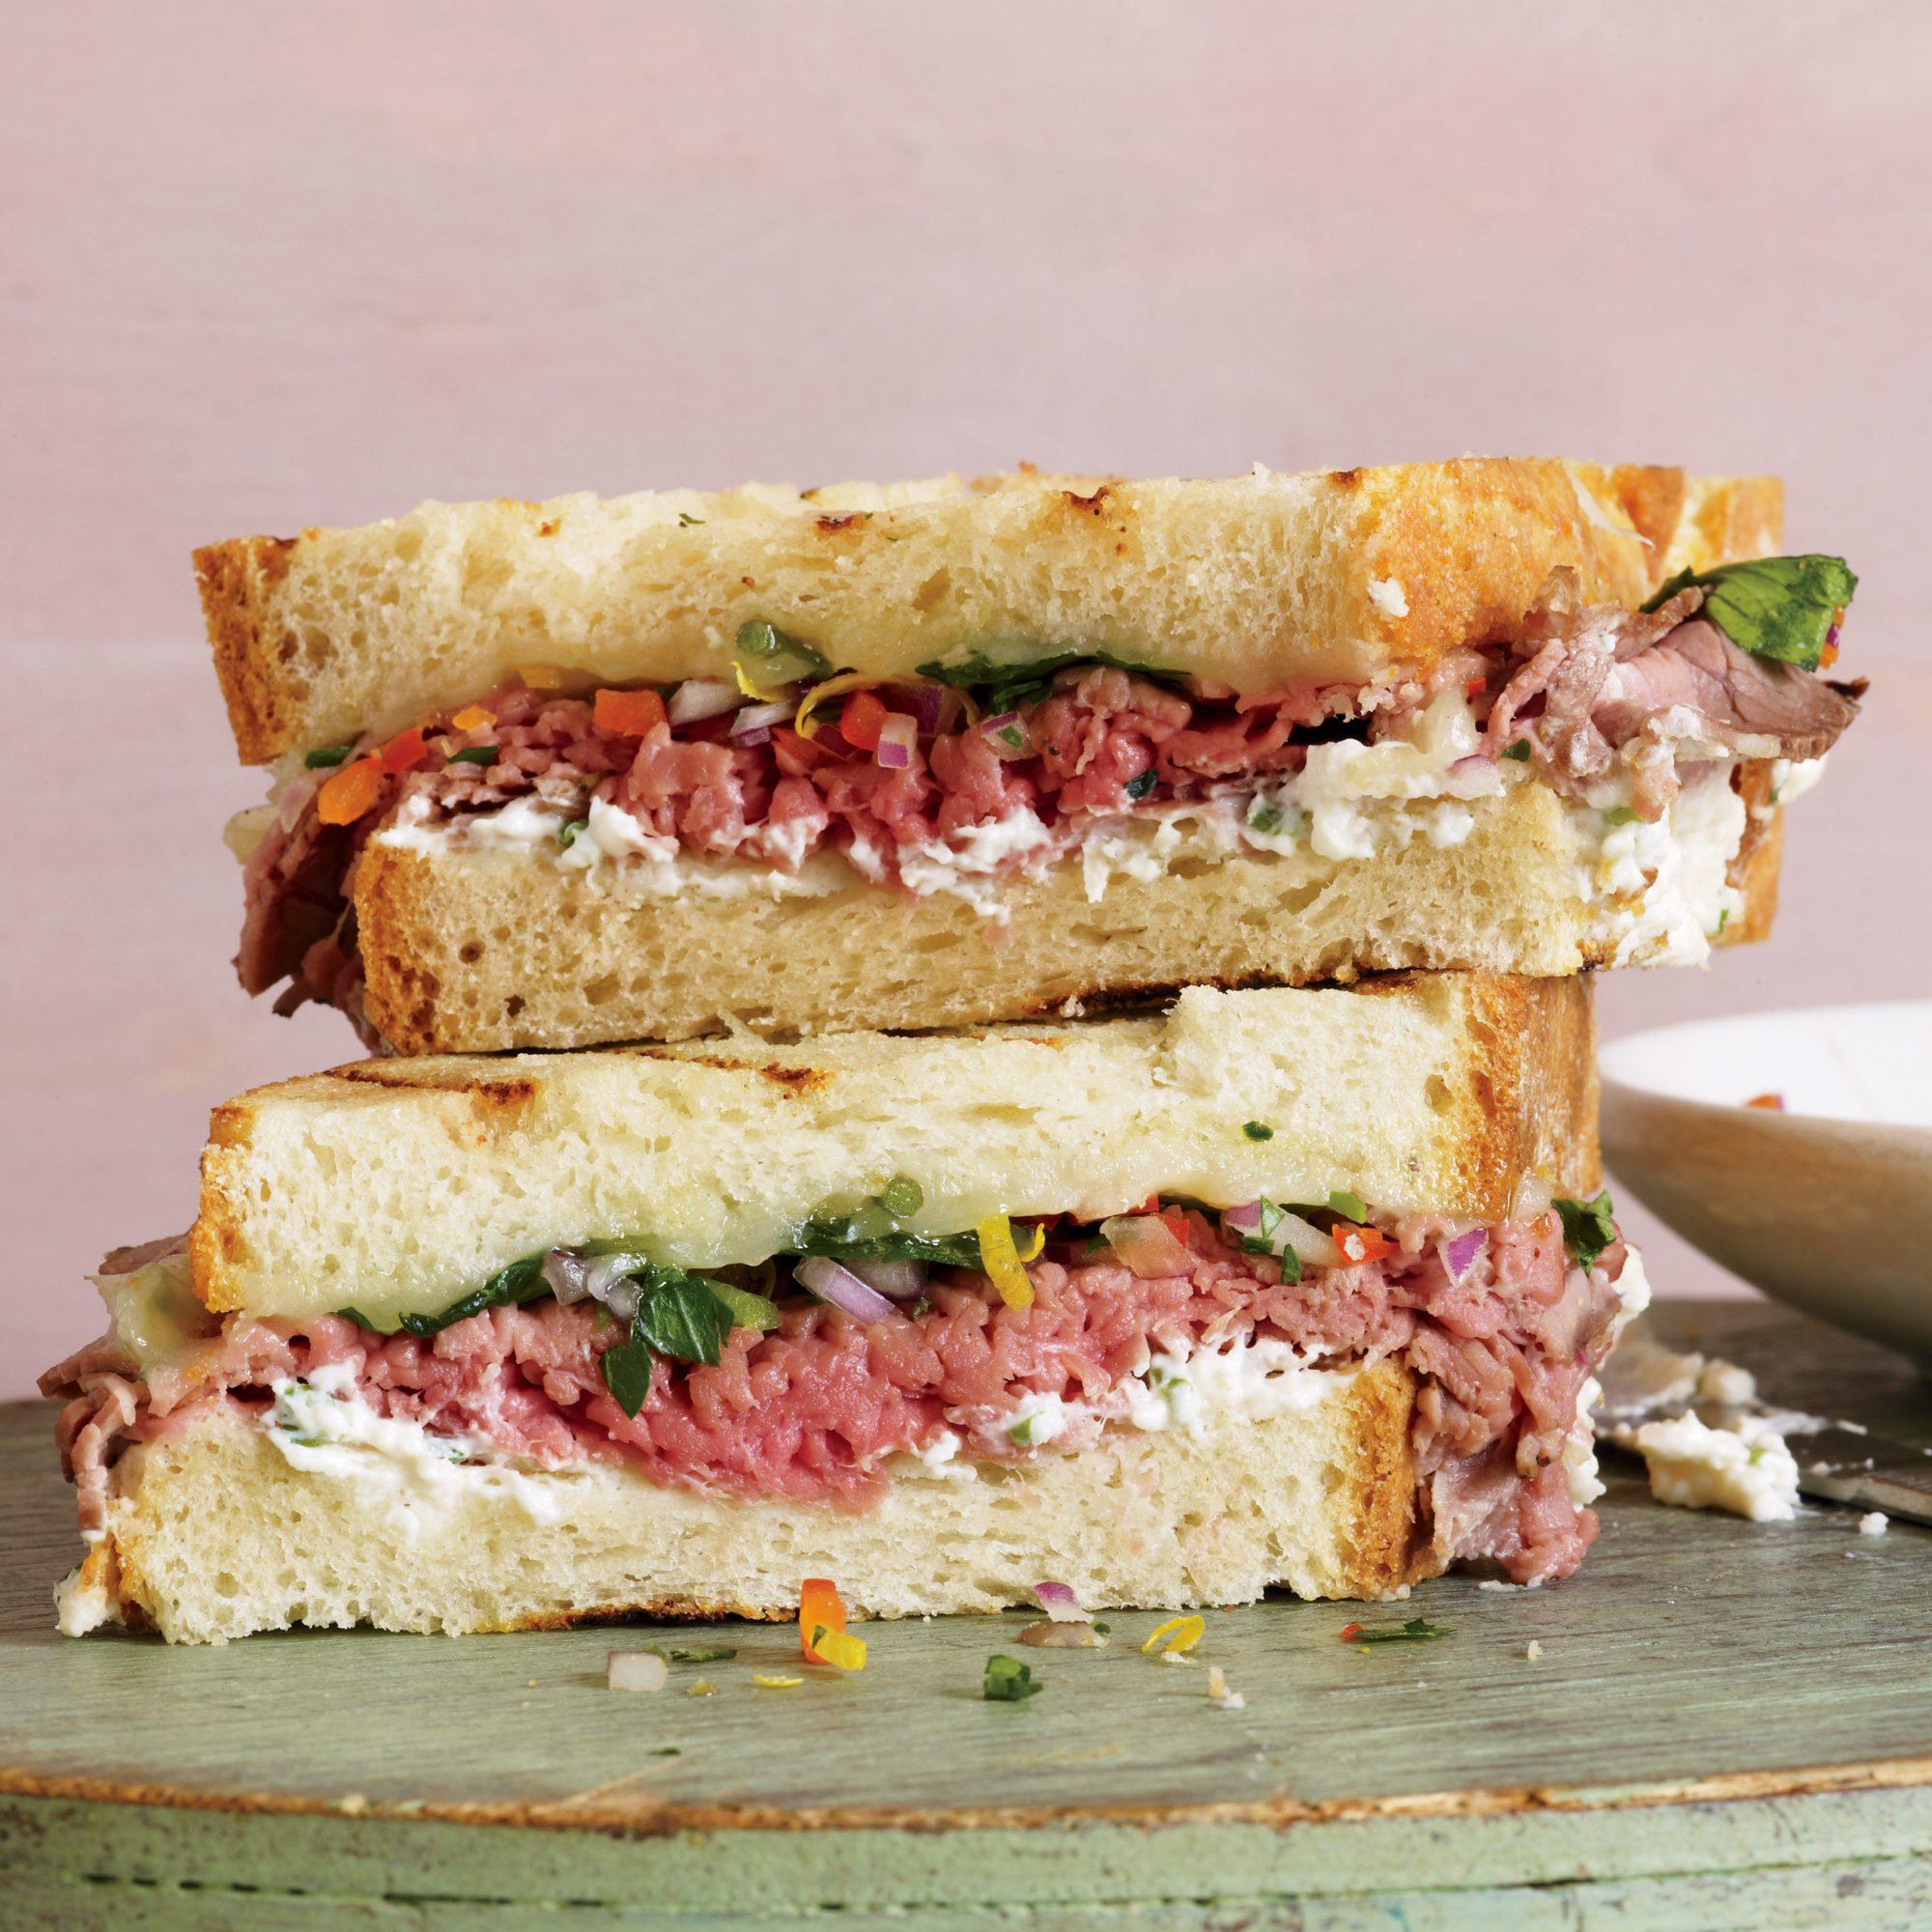 The Absolute Best Roast Beef Sandwich